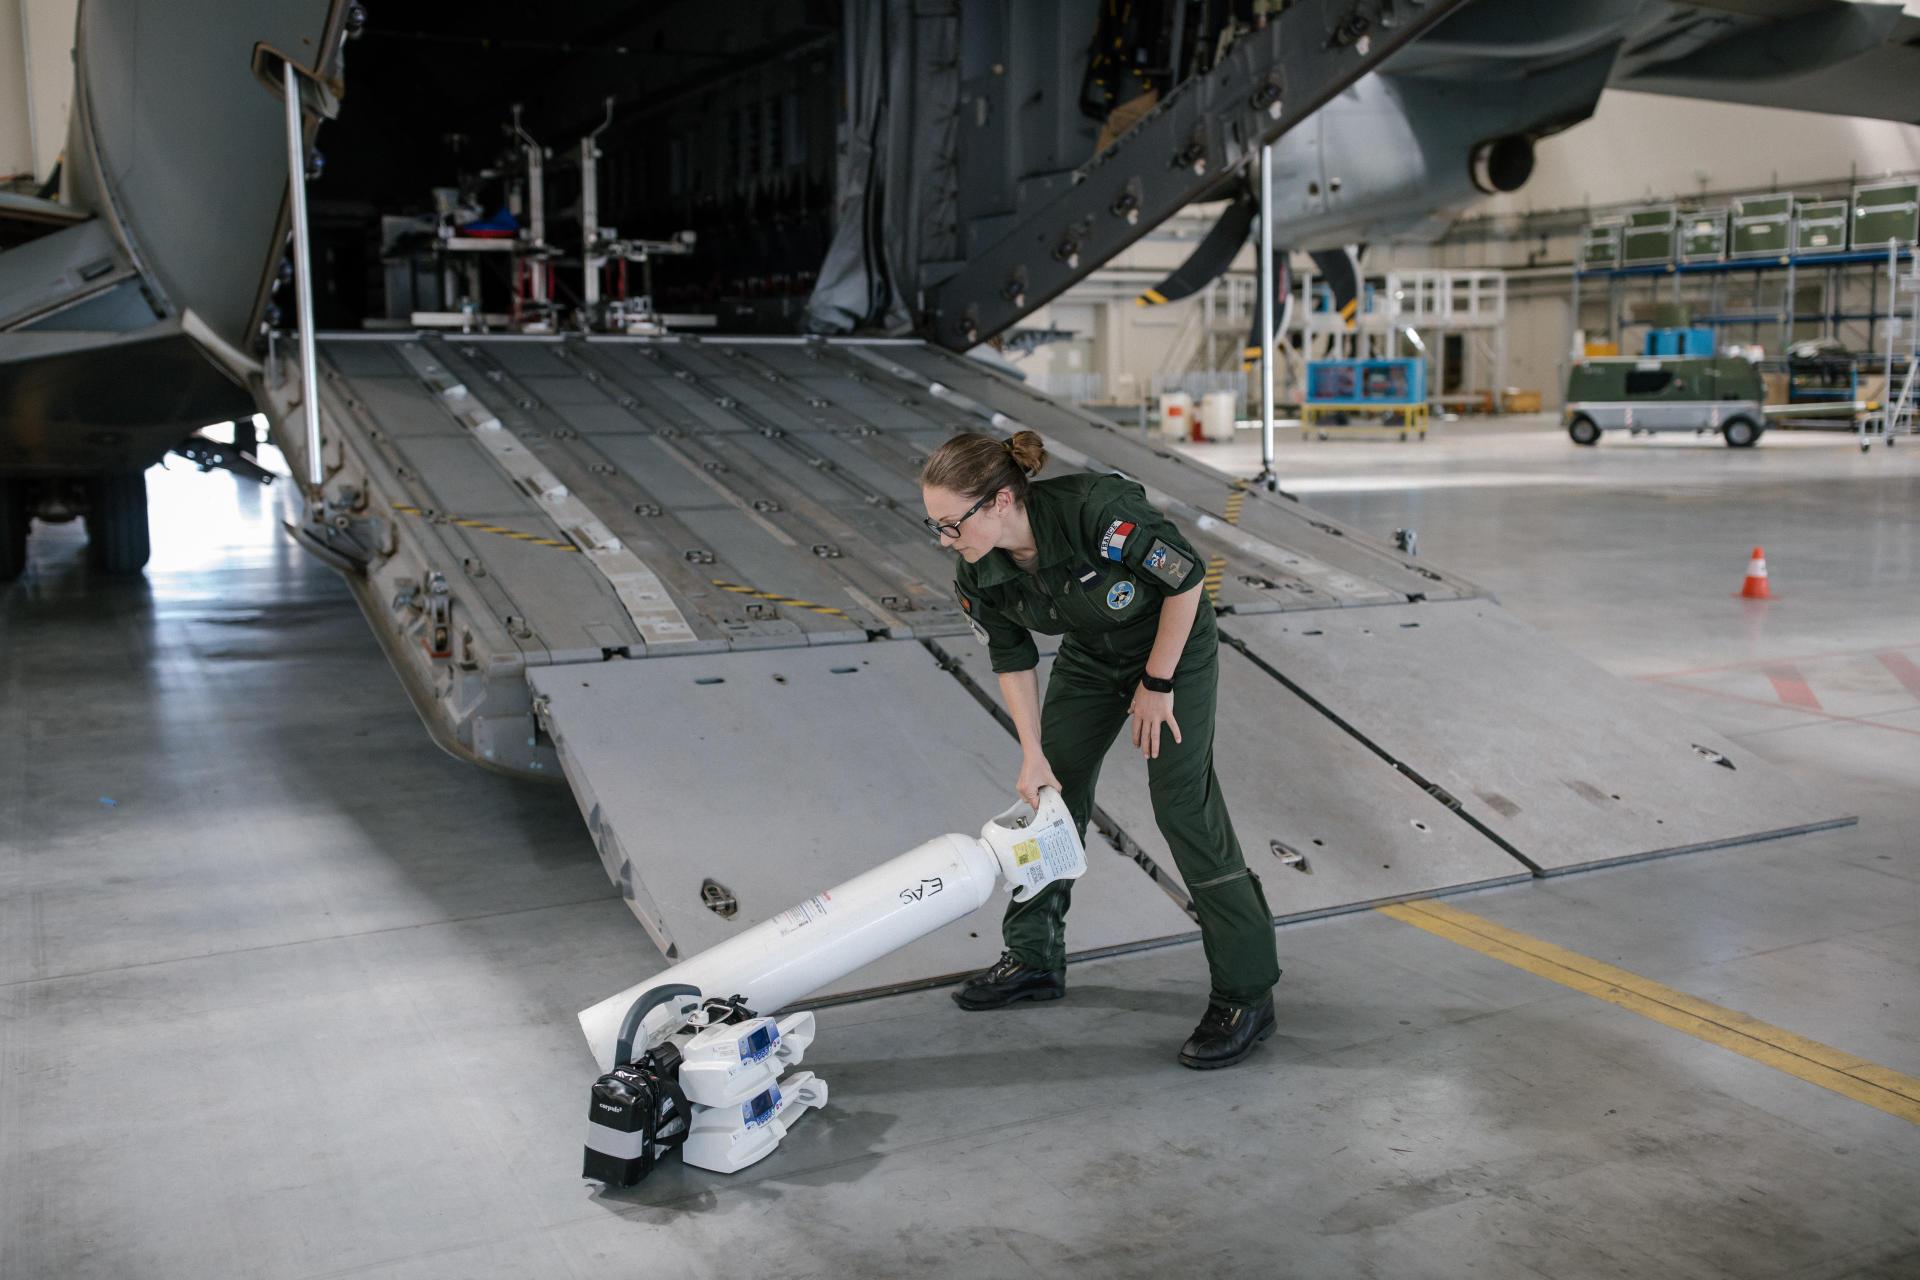 12h47 à la base militaire d'Orléans-Bricy, le 9 juillet. Cet avion A400M a servi à transporter des patients atteints du Covid-19.